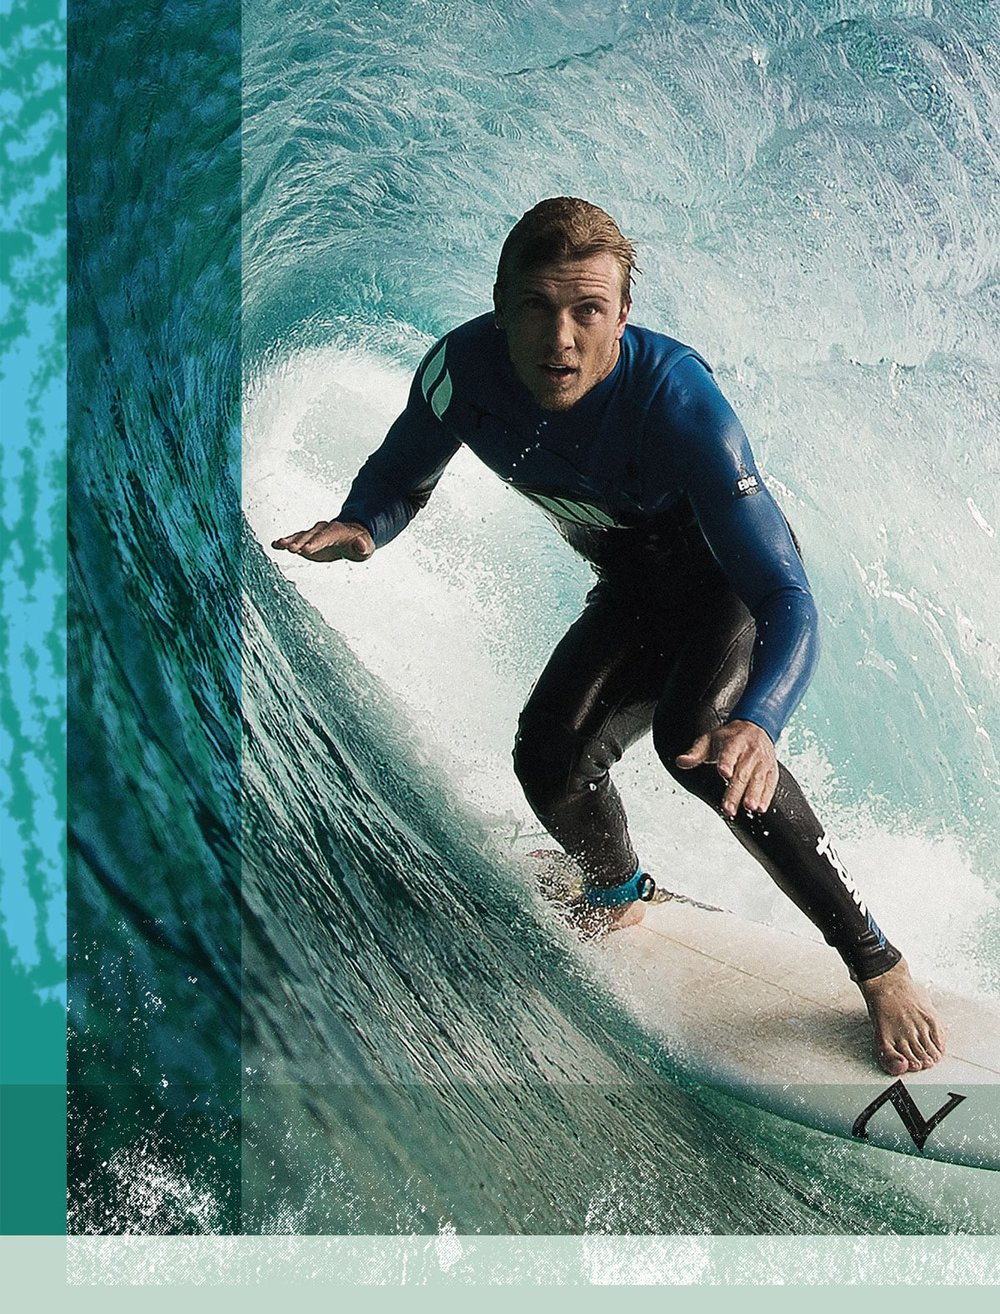 MRB_SURF.jpg